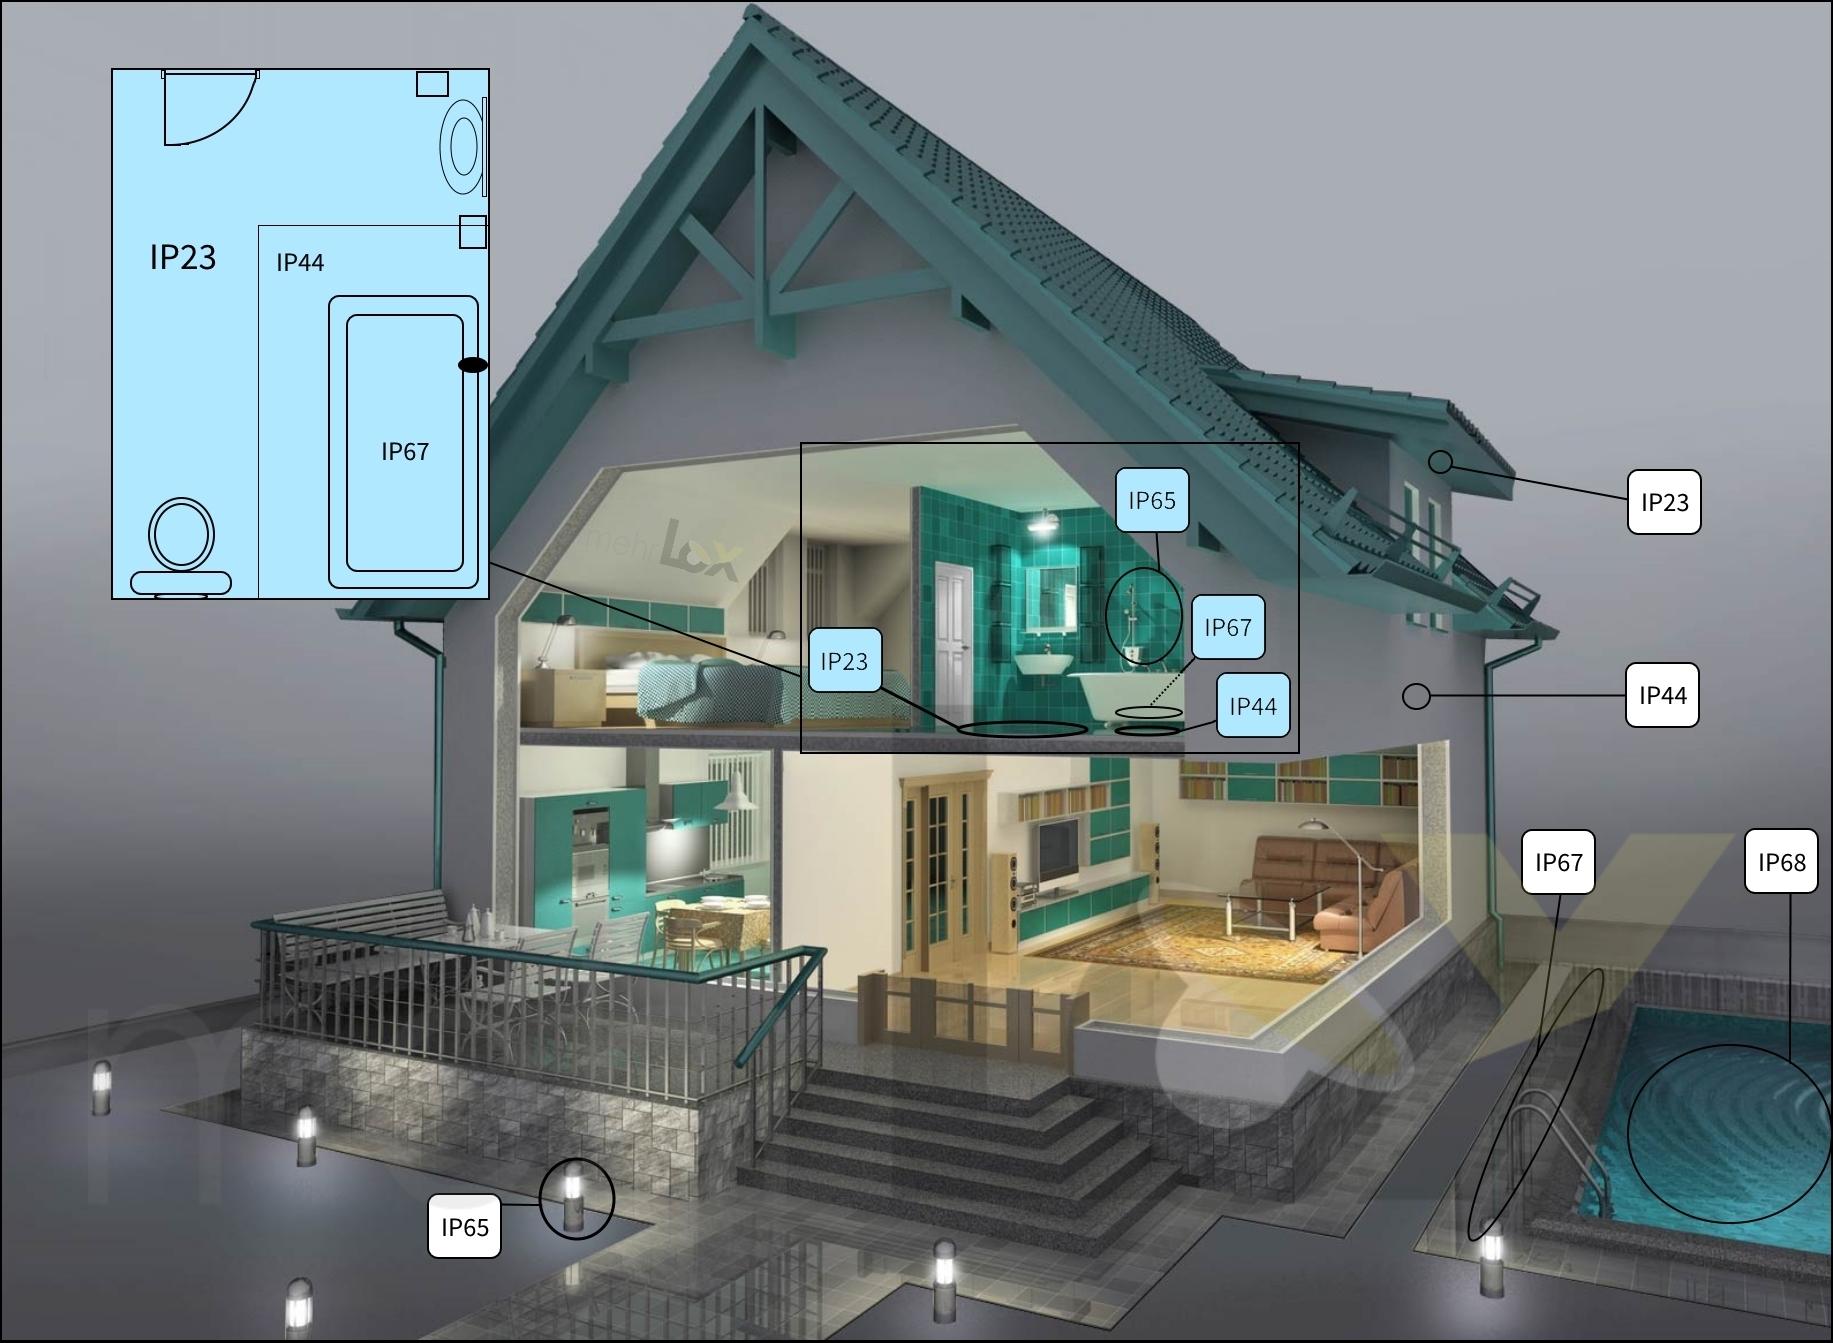 IP-Schutz-Beispiel-Grafik-Zonen-Innen-Außen